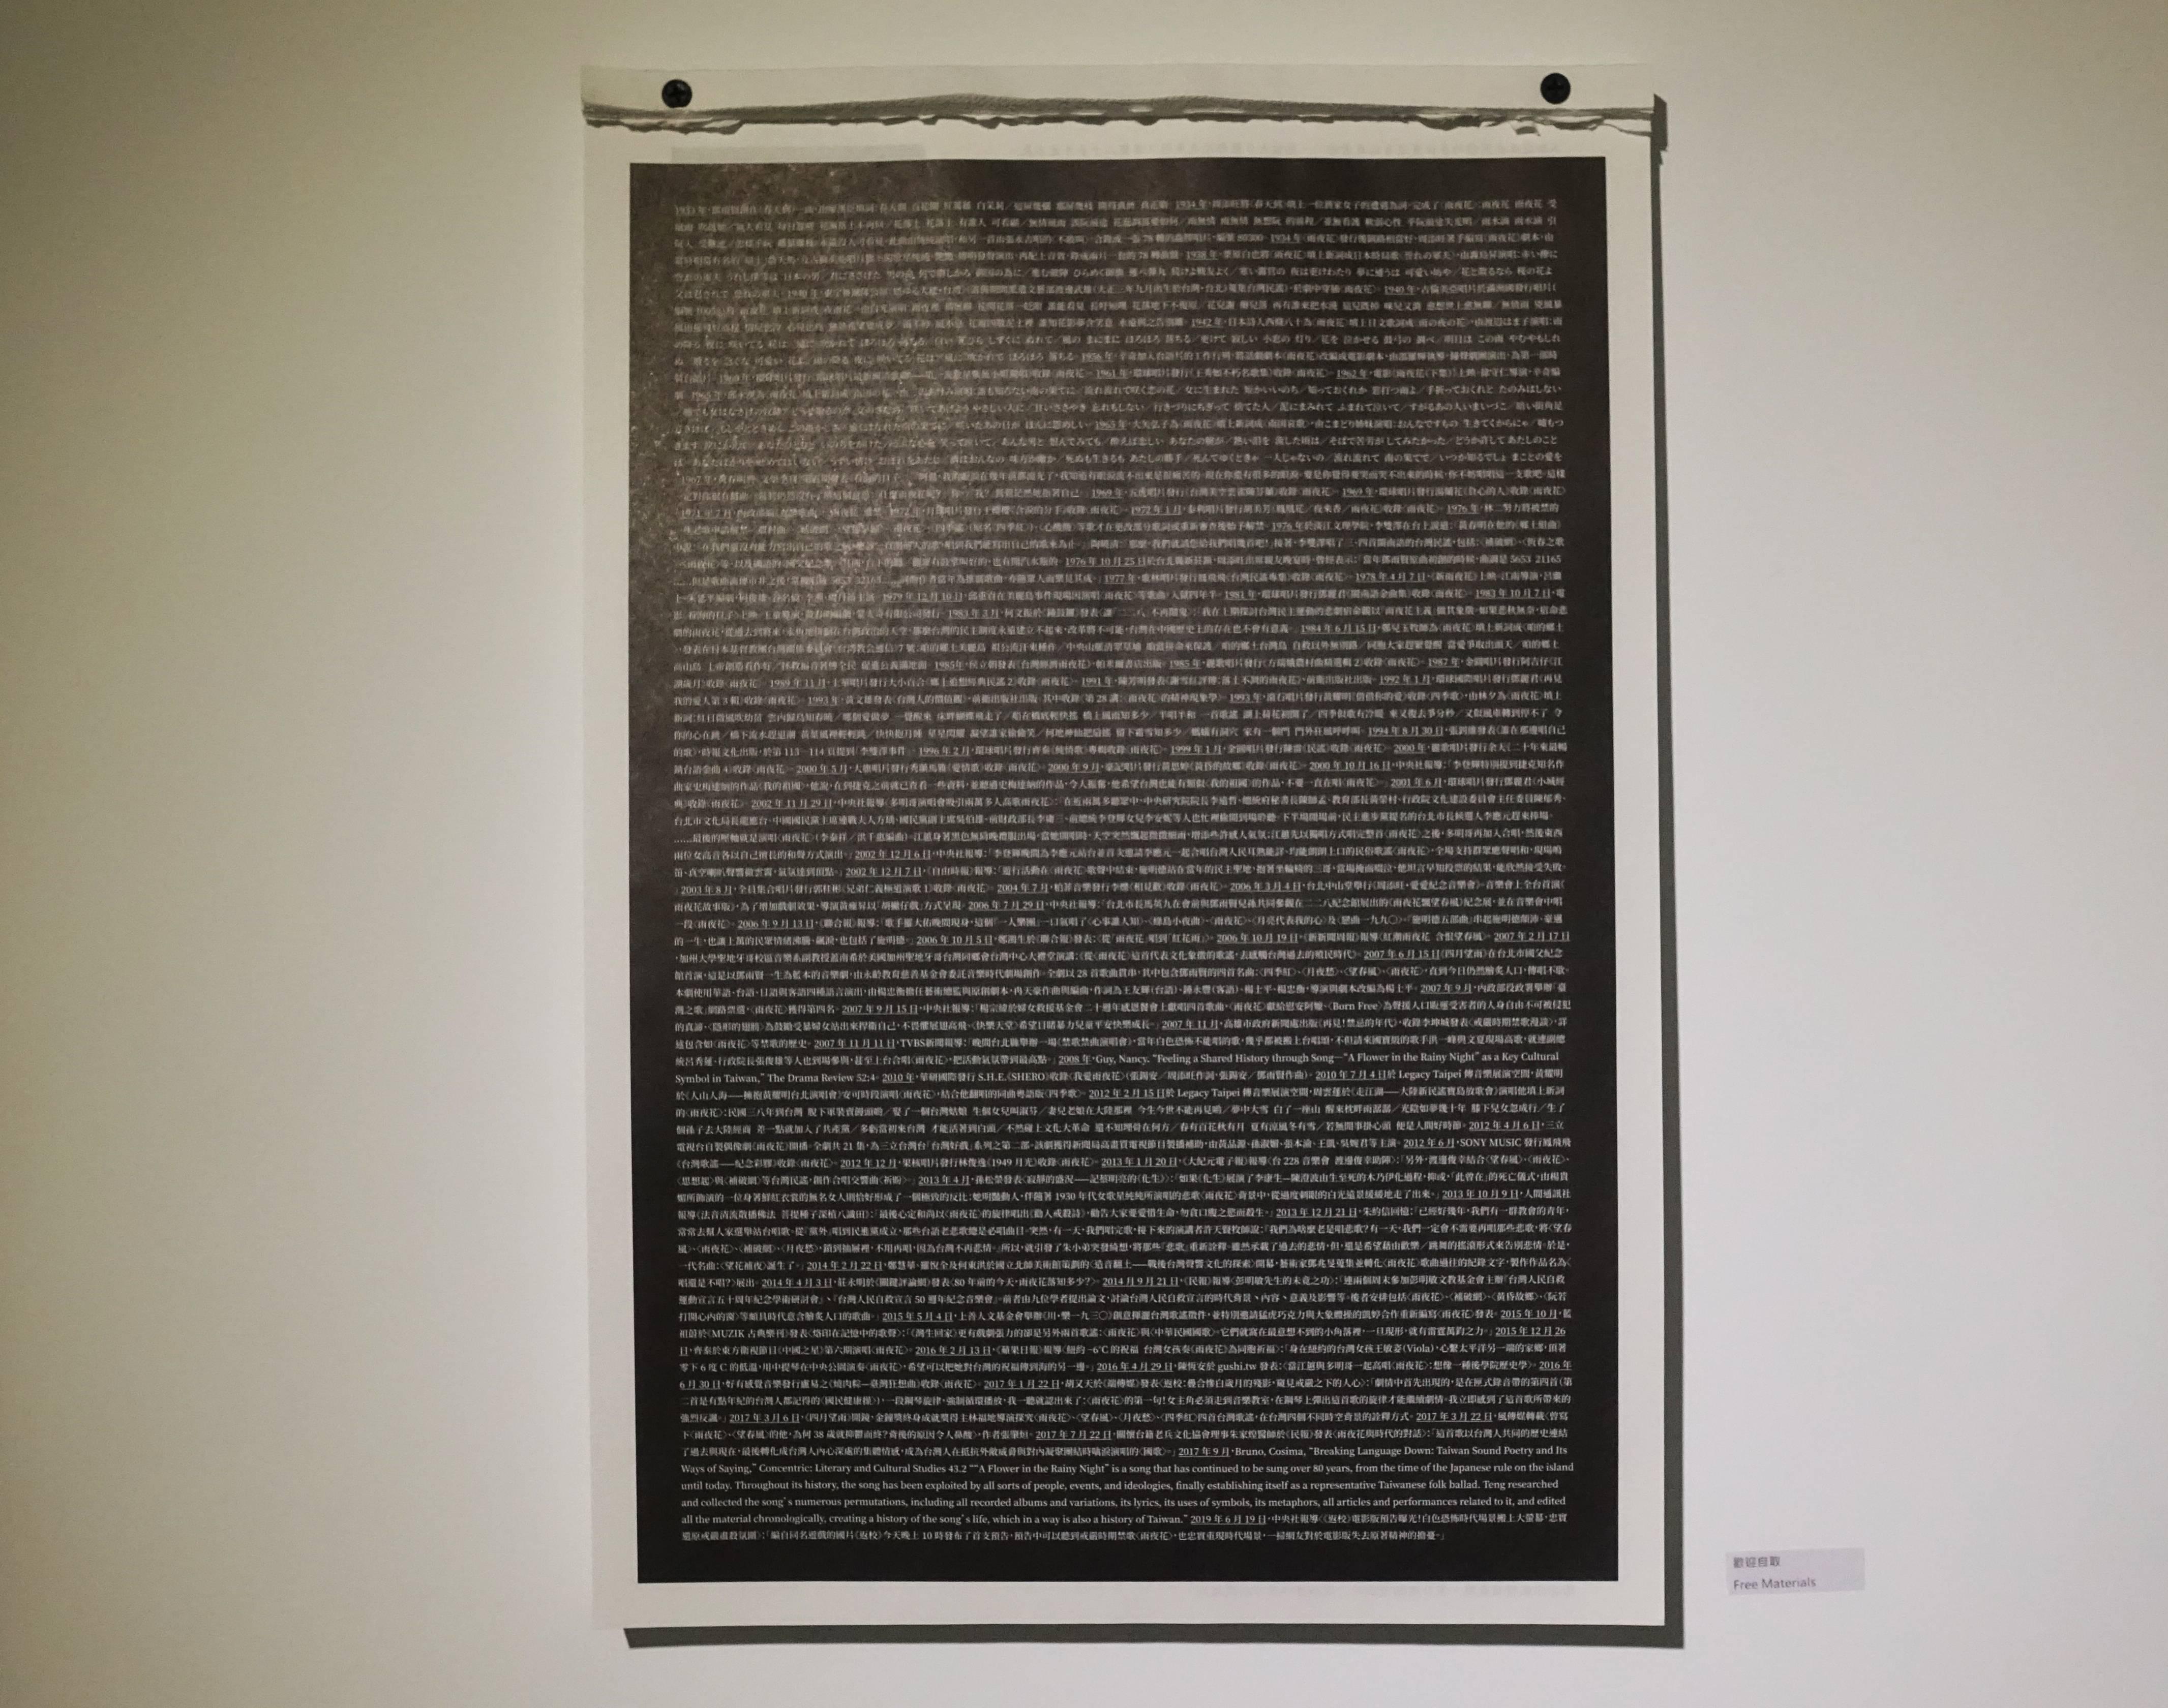 鄧兆旻,《這麼多年過去了》,29.7x42cm,報紙印刷,2019。